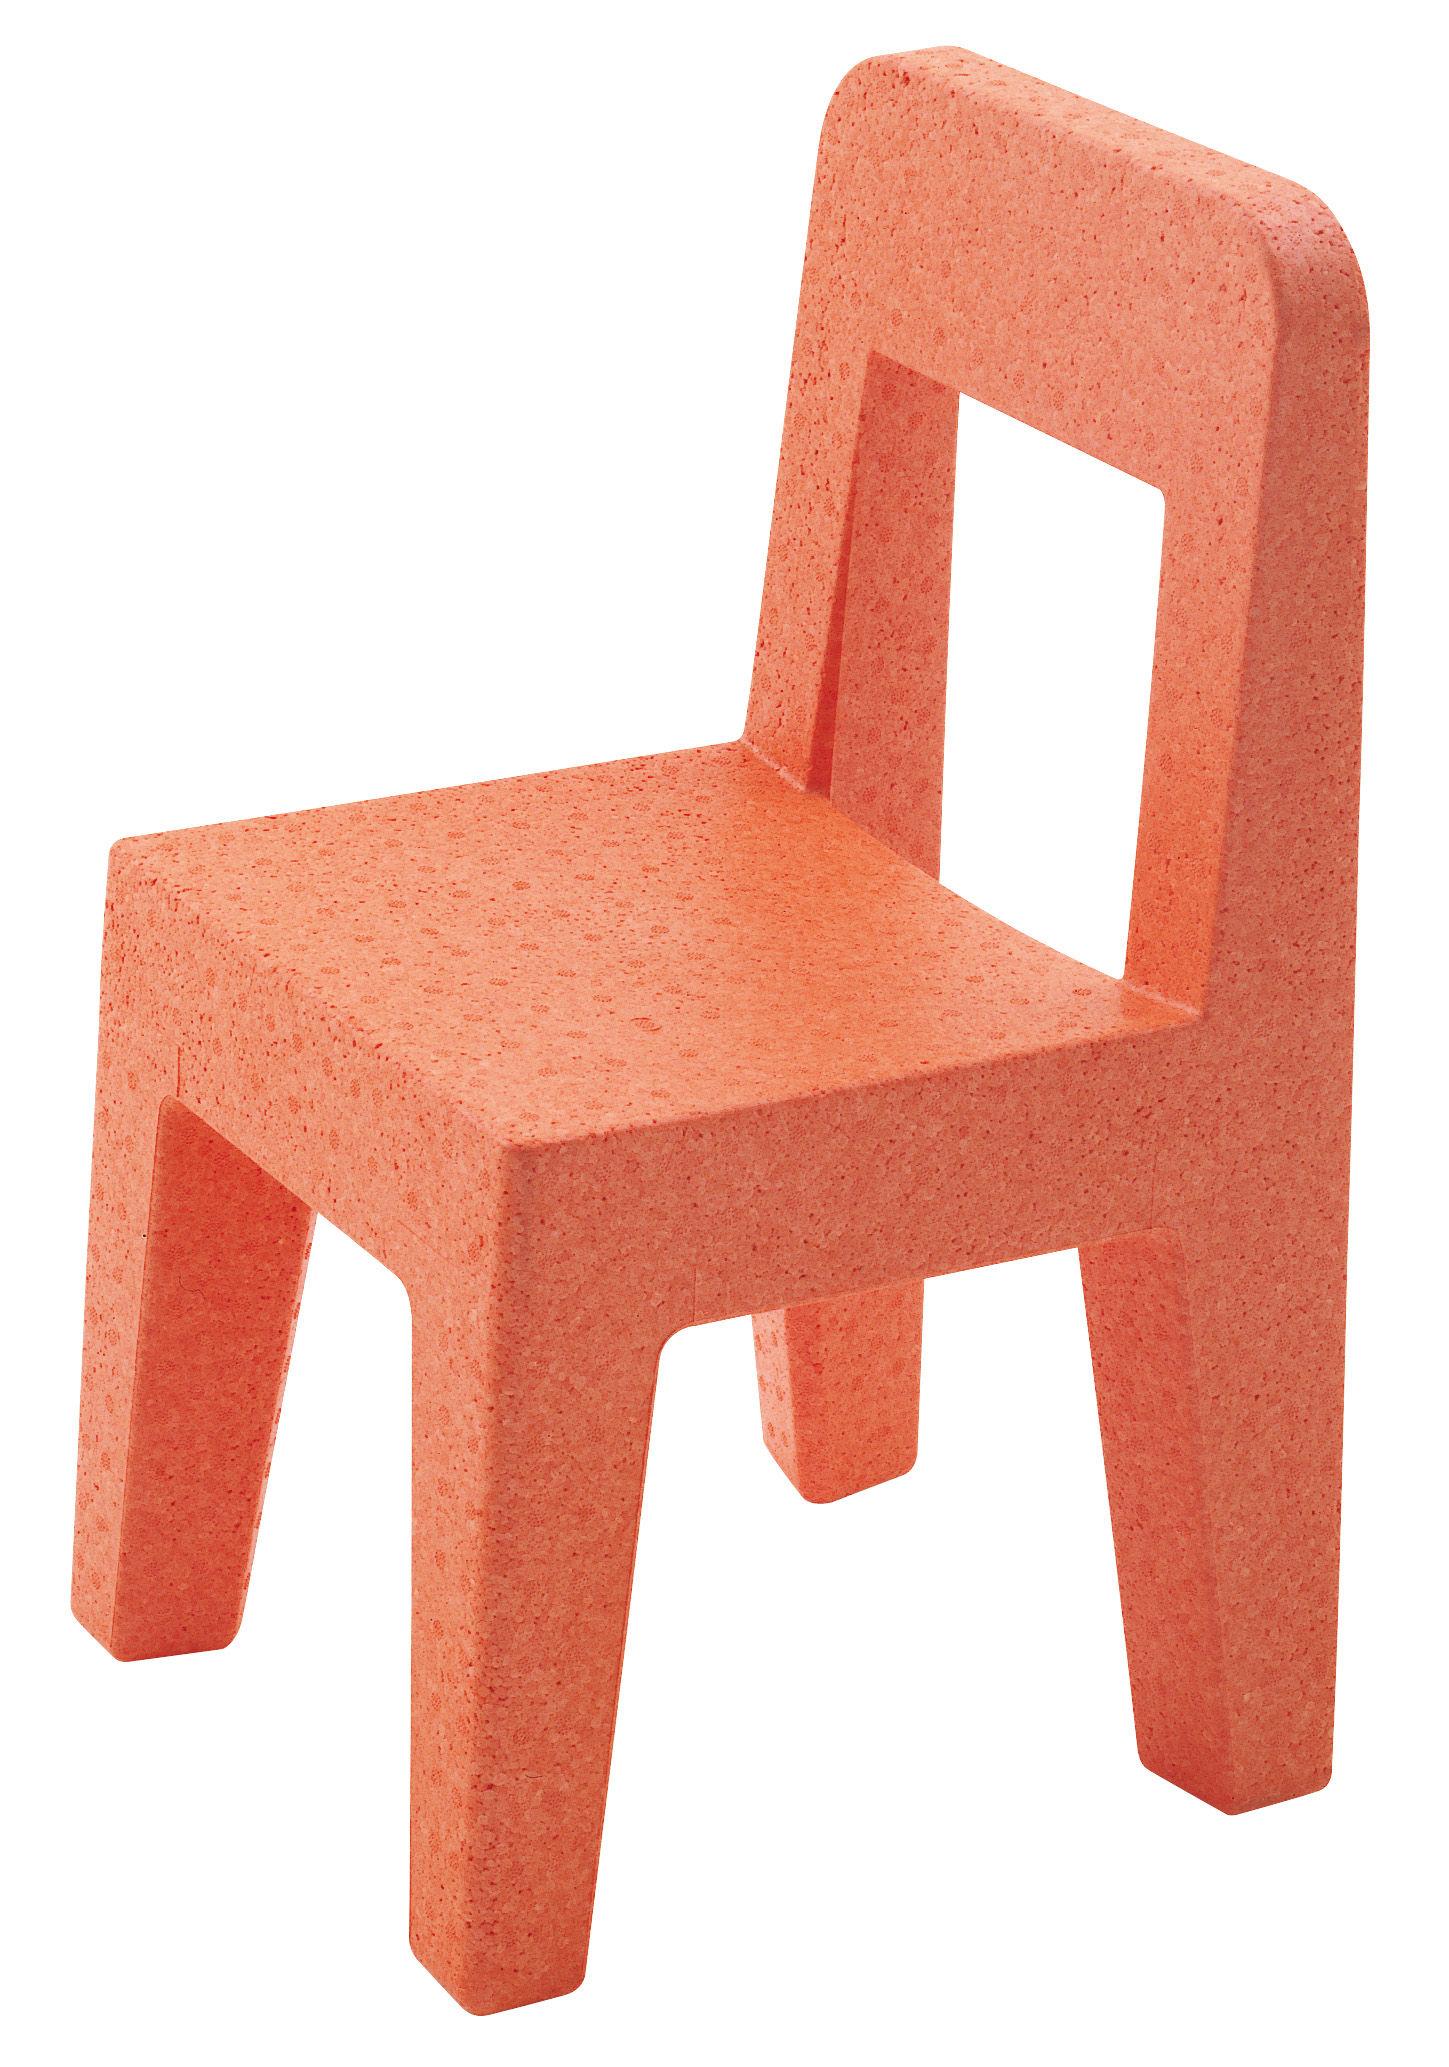 Möbel - Möbel für Kinder - Seggiolina Pop Kinderstuhl - Magis Collection Me Too - Orange - Polypropylen